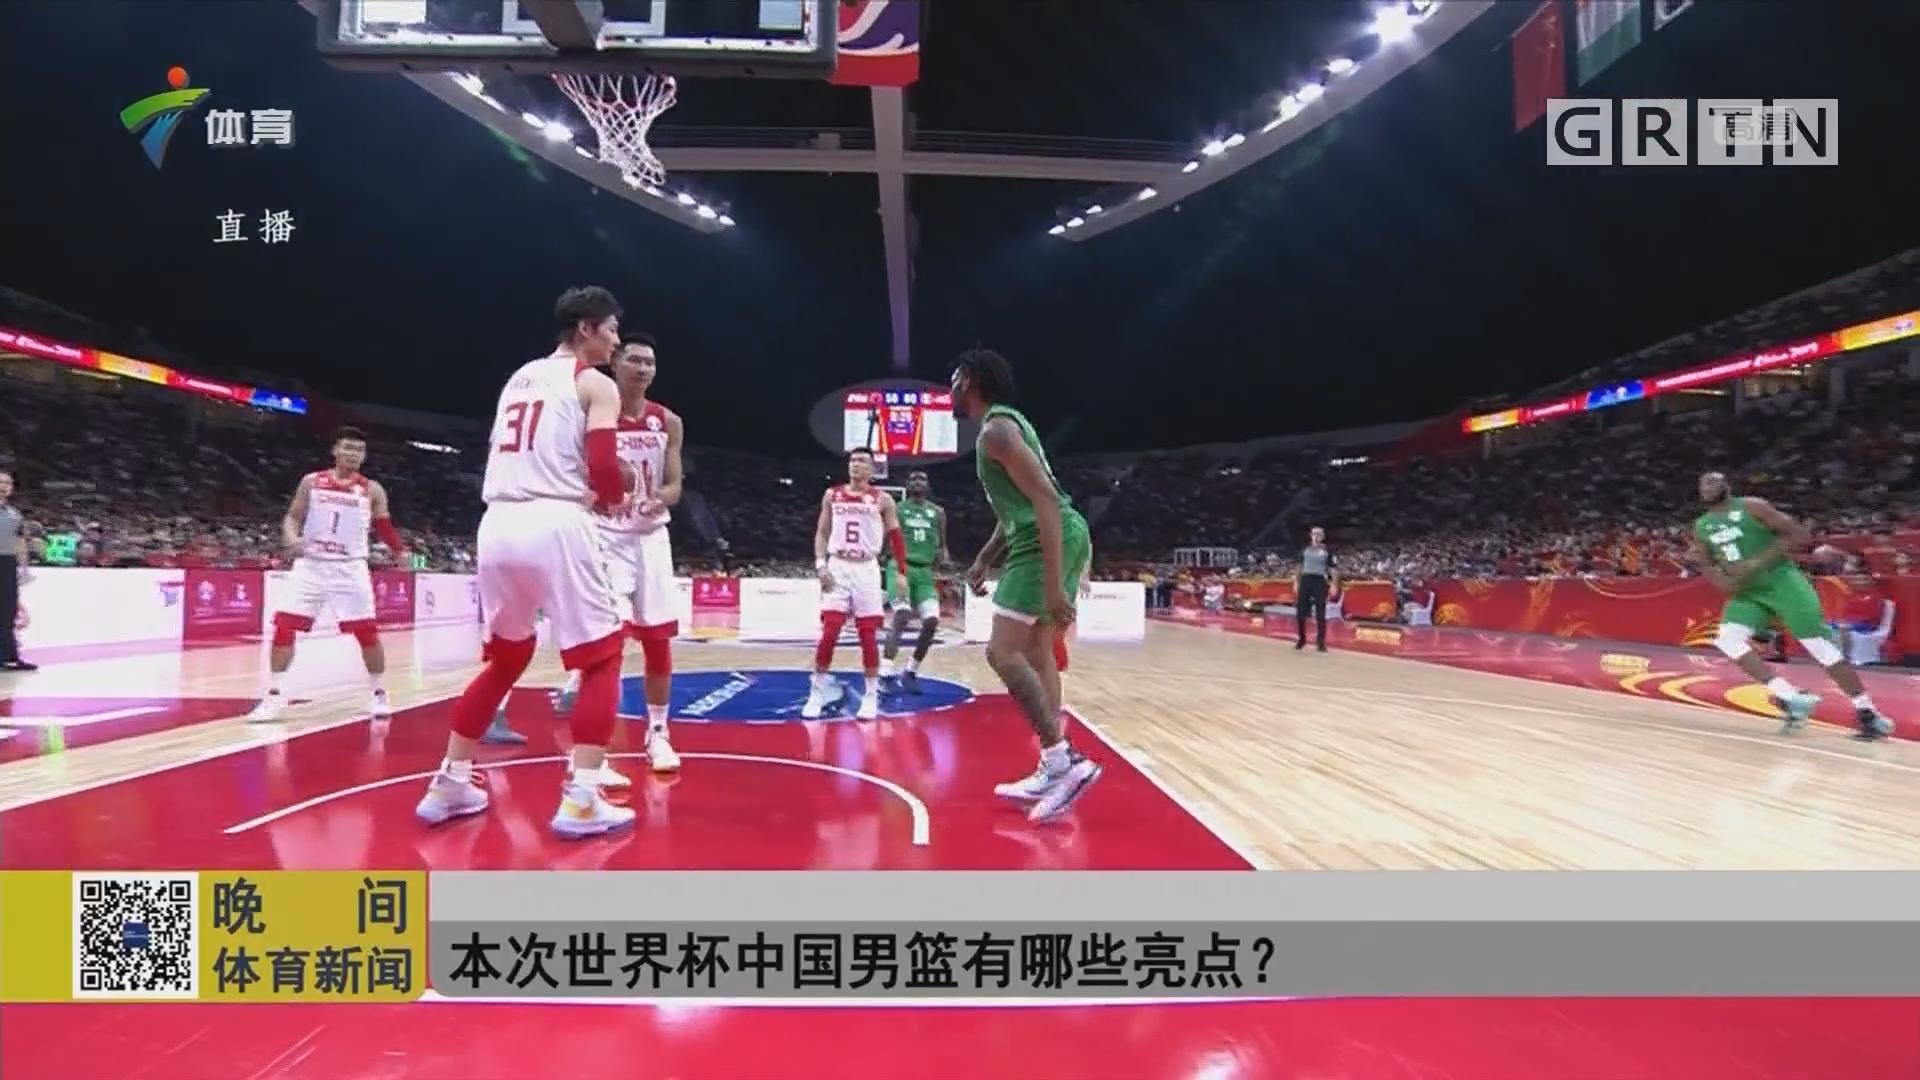 本次世界杯中国男篮有哪些亮点?